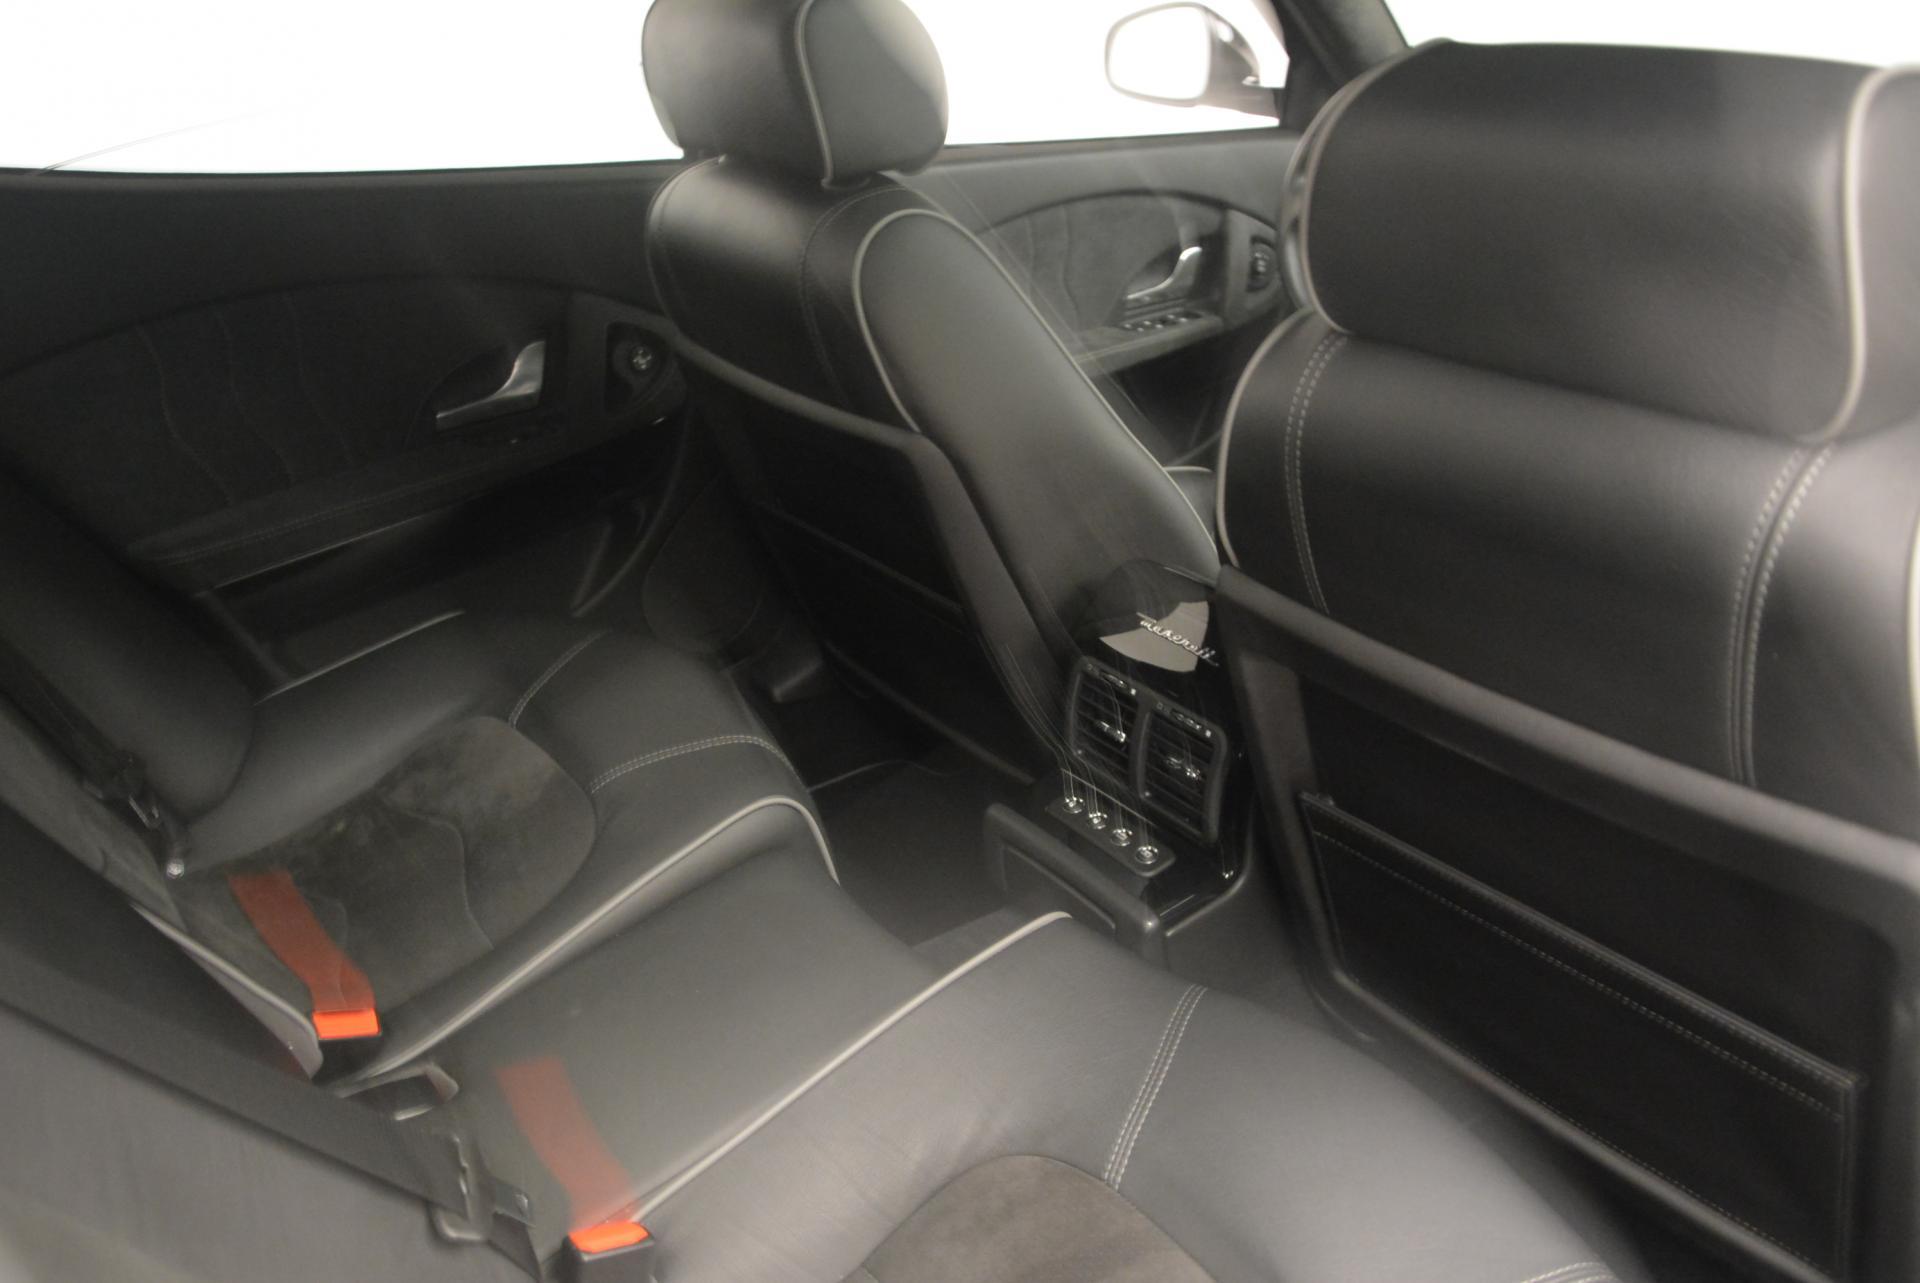 Used 2011 Maserati Quattroporte Sport GT S For Sale In Greenwich, CT 531_p26